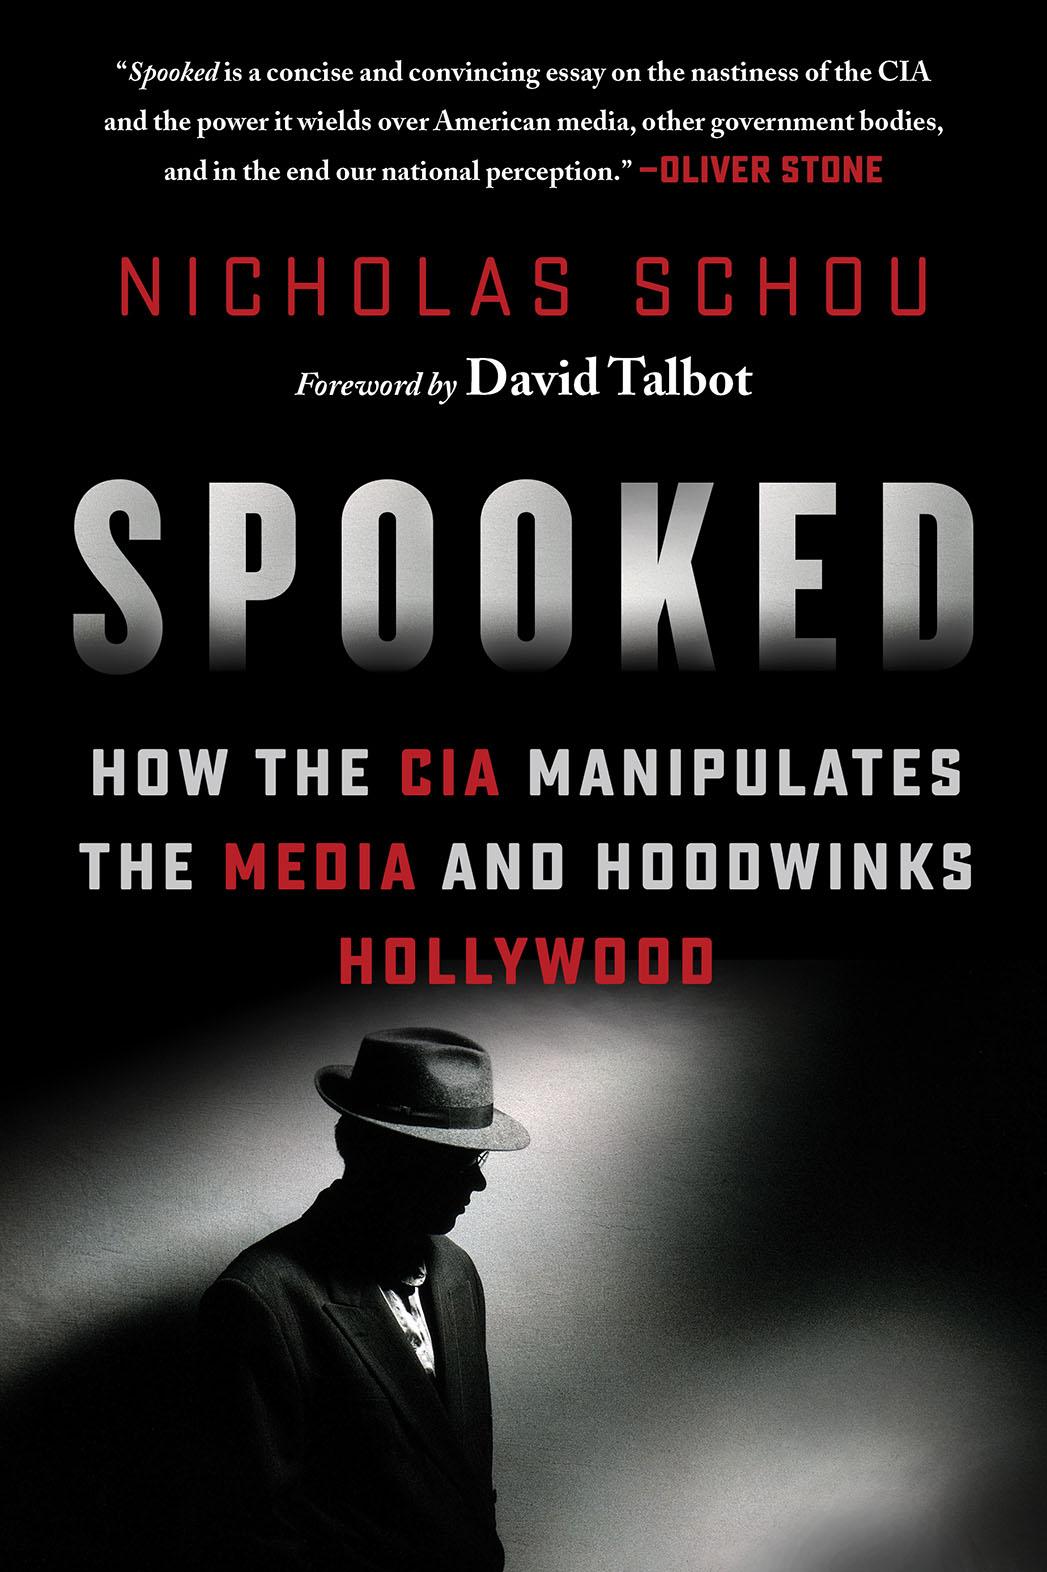 Non-Fiction: Three Digs into the CIA's Dark Side